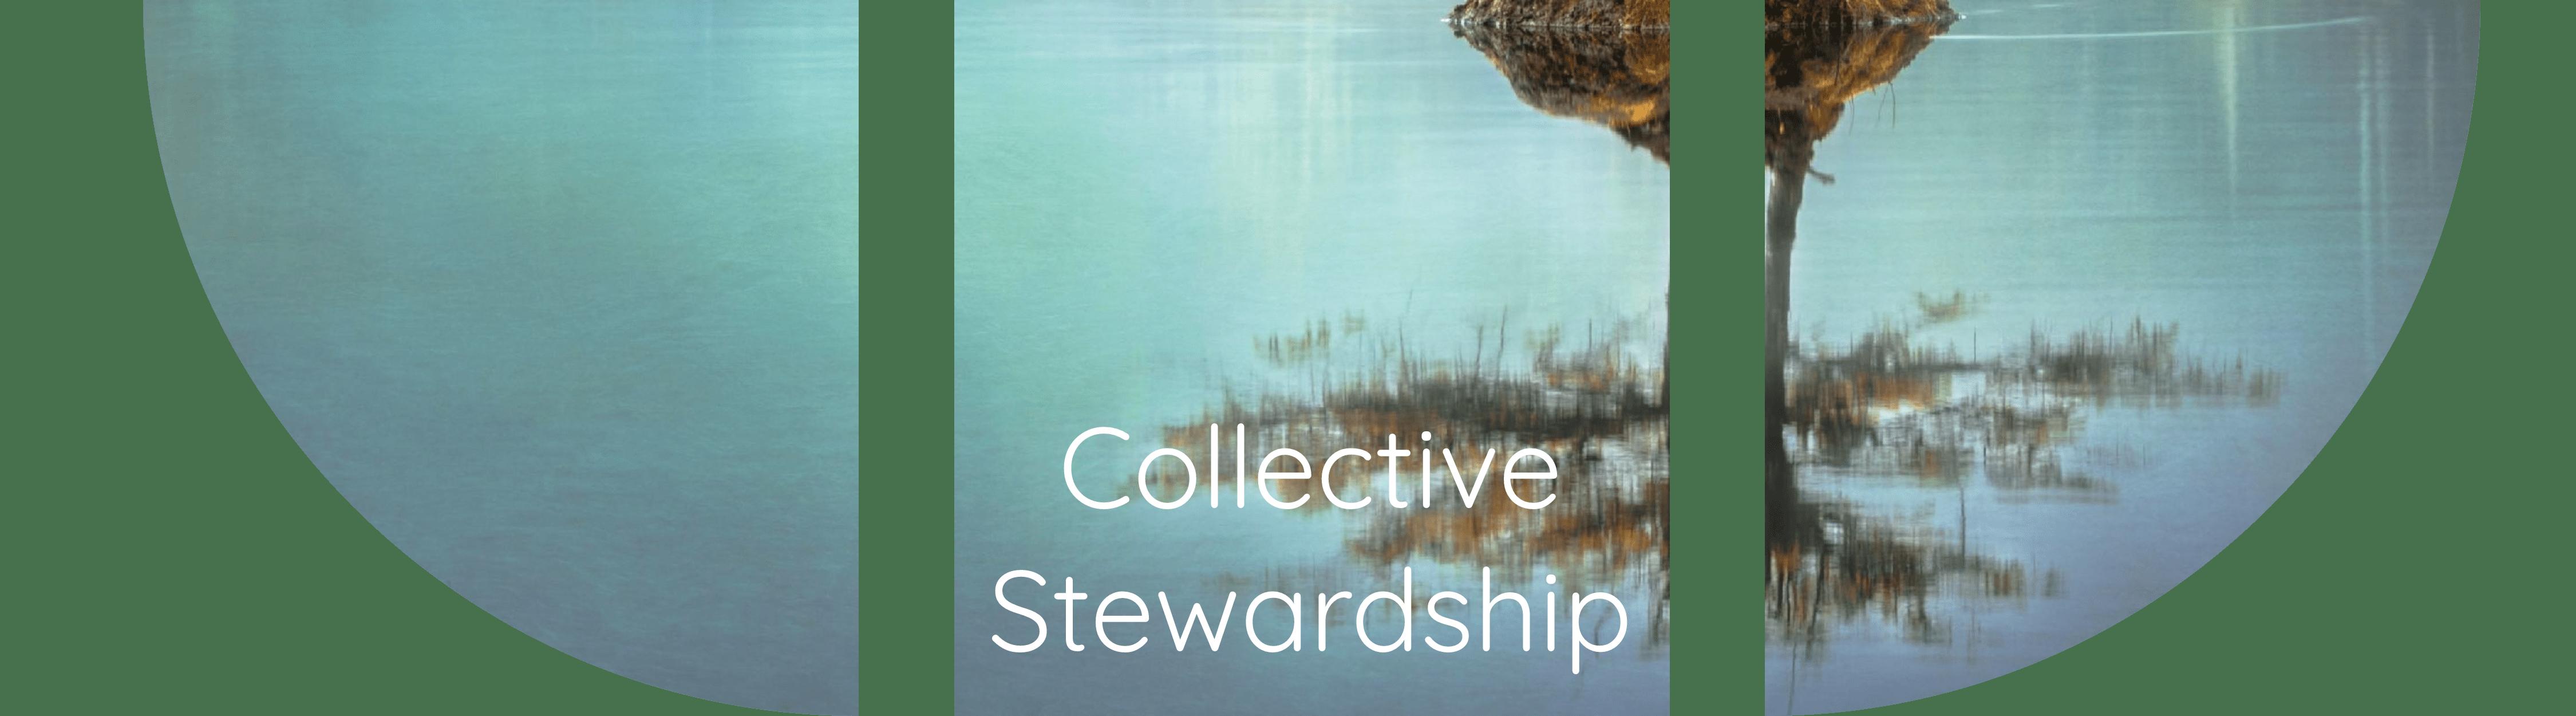 collective stewardship